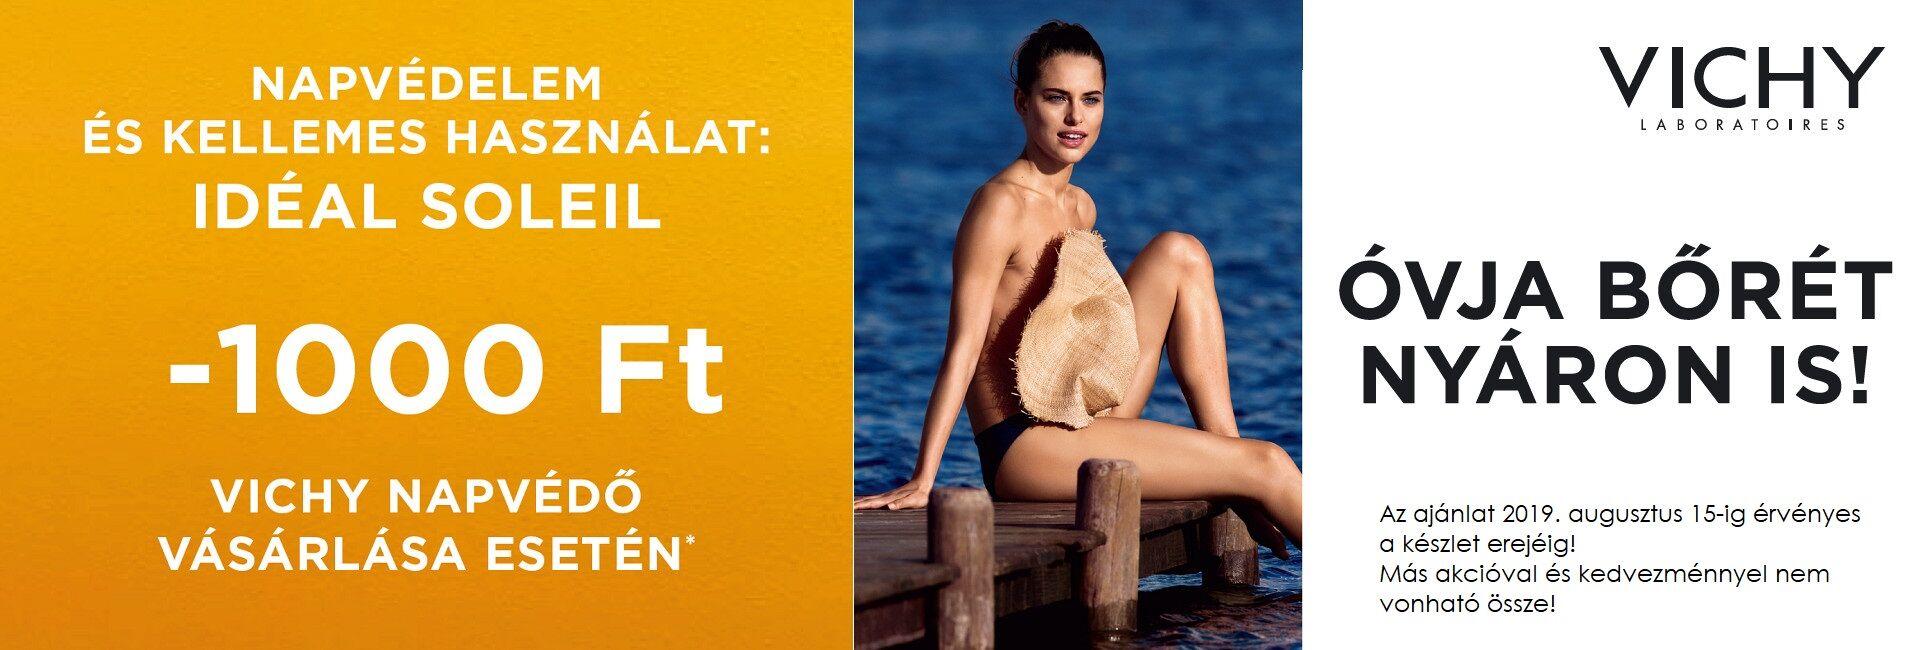 2019. augusztus 15-ig minden Vichy Idéal Soleil napvédő termékekre 1.000 Ft kedvezményt adunk!